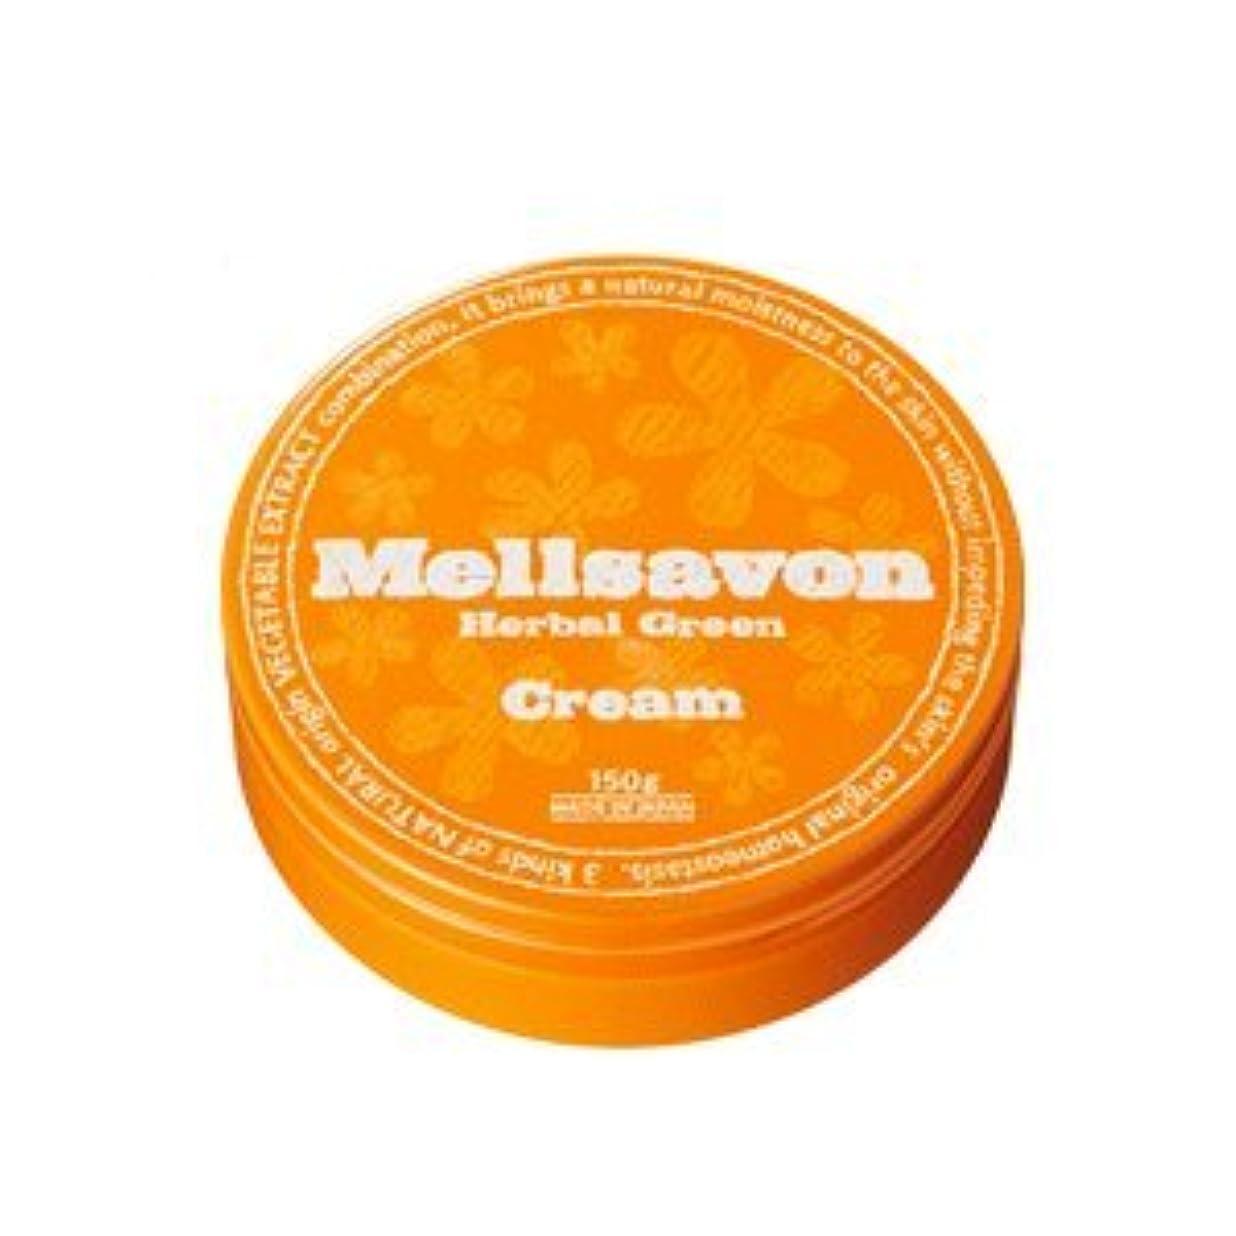 壁紙ランドマーク咲くメルサボン スキンケアクリーム ハーバルグリーンの香り 大缶 150g